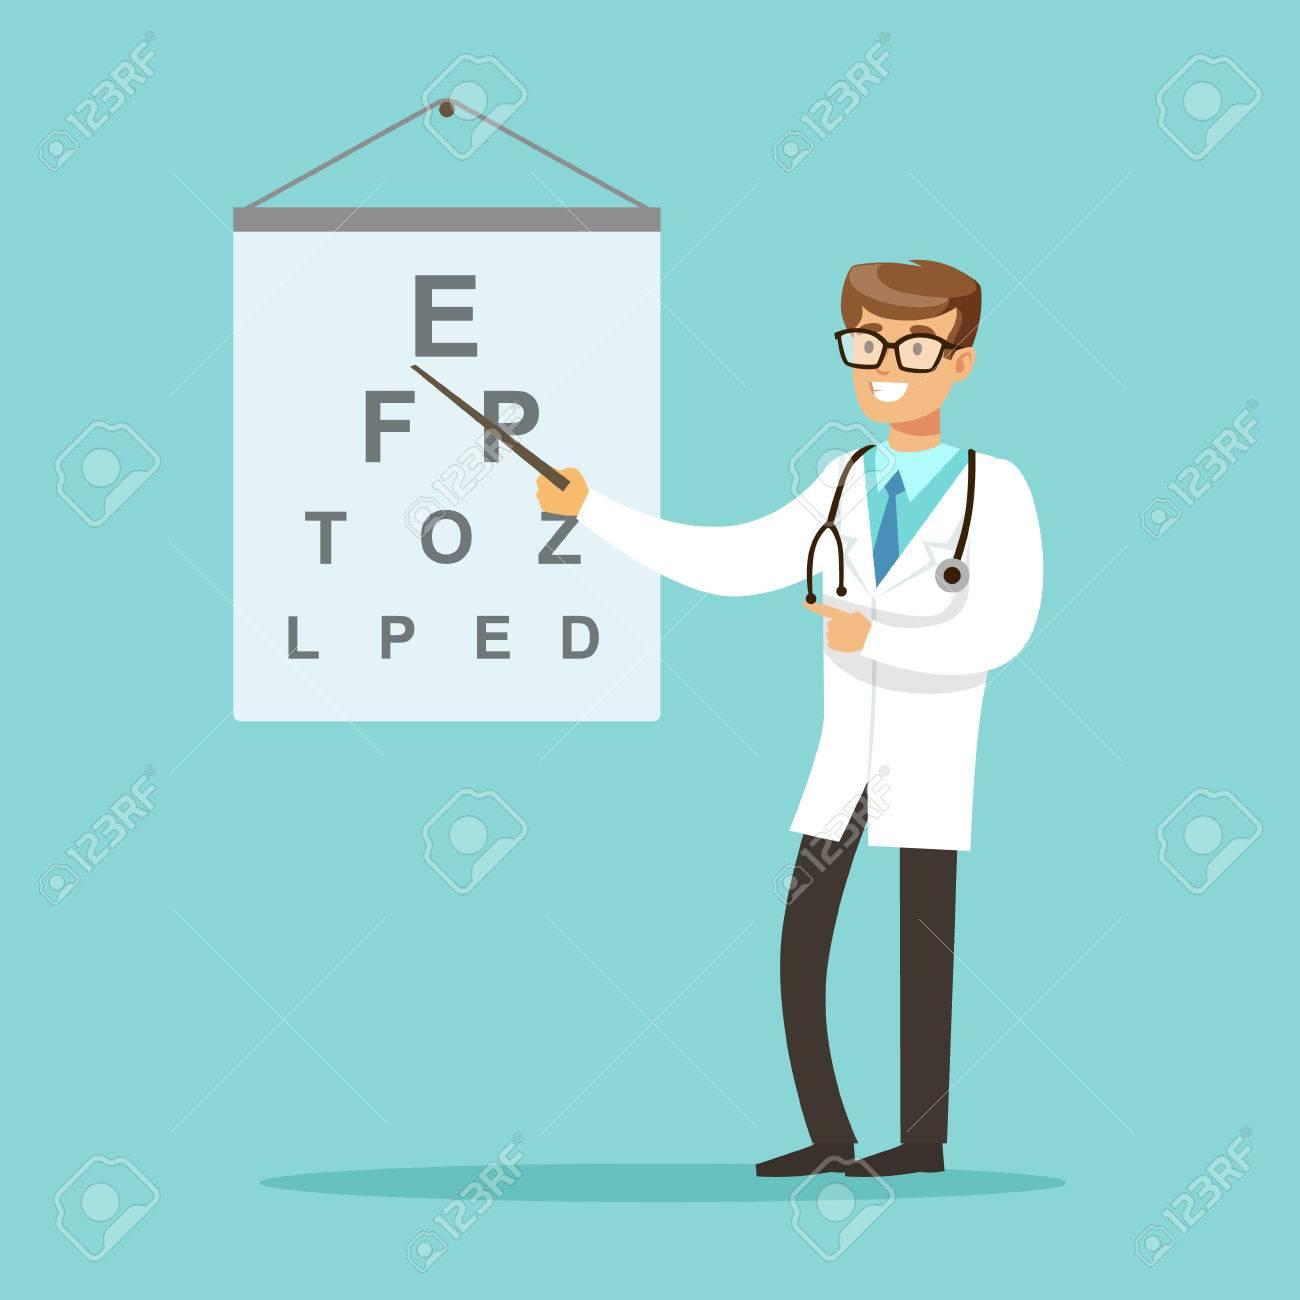 Banque d images - Oculiste ou ophtalmologue ophtalmologue médecin indiquant  le texte de l examen Illustration vectorielle ecb65a15acff